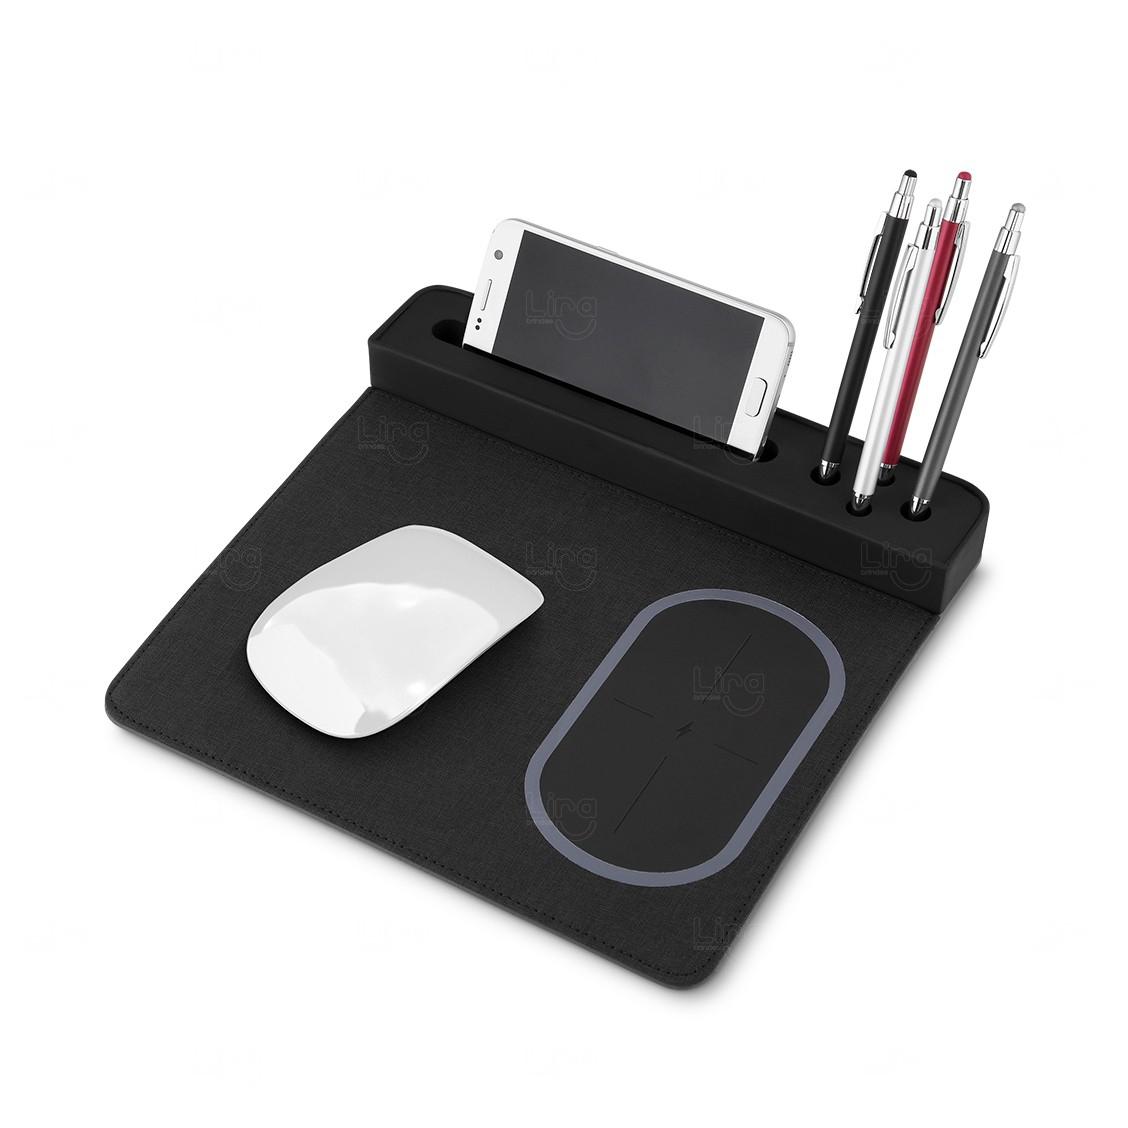 Mouse Pad Personalizado Carregador Sem Fio Preto